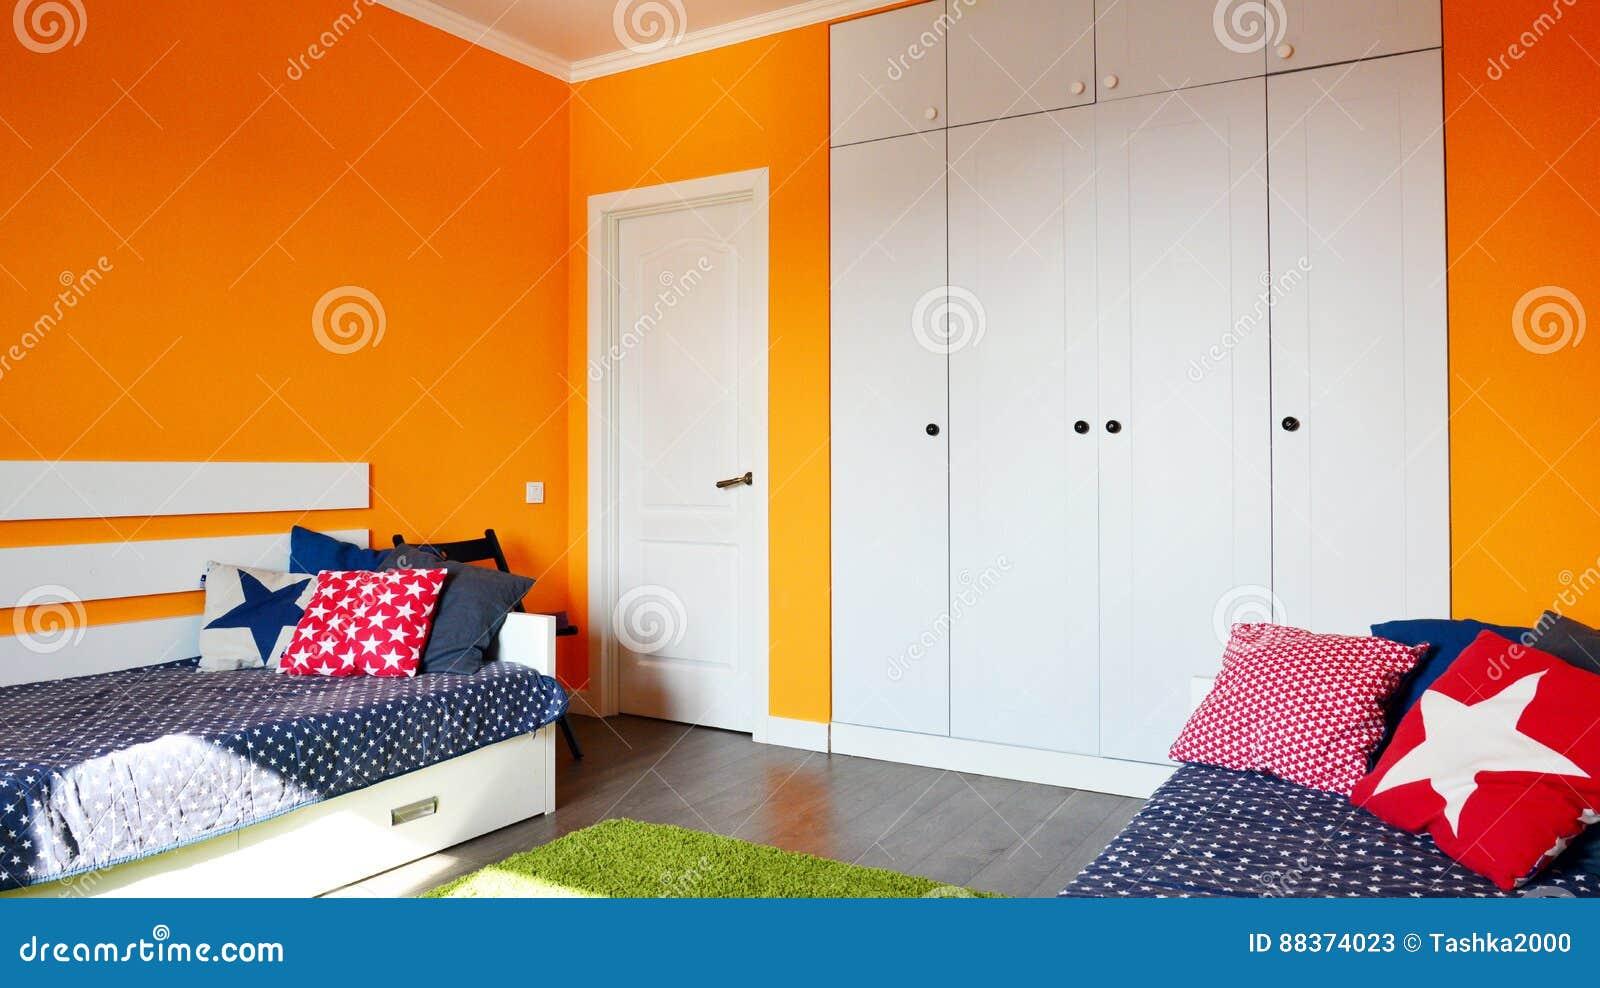 Camera Da Letto Dei Bambini Nei Colori Arancio E Blu Immagine Stock ...